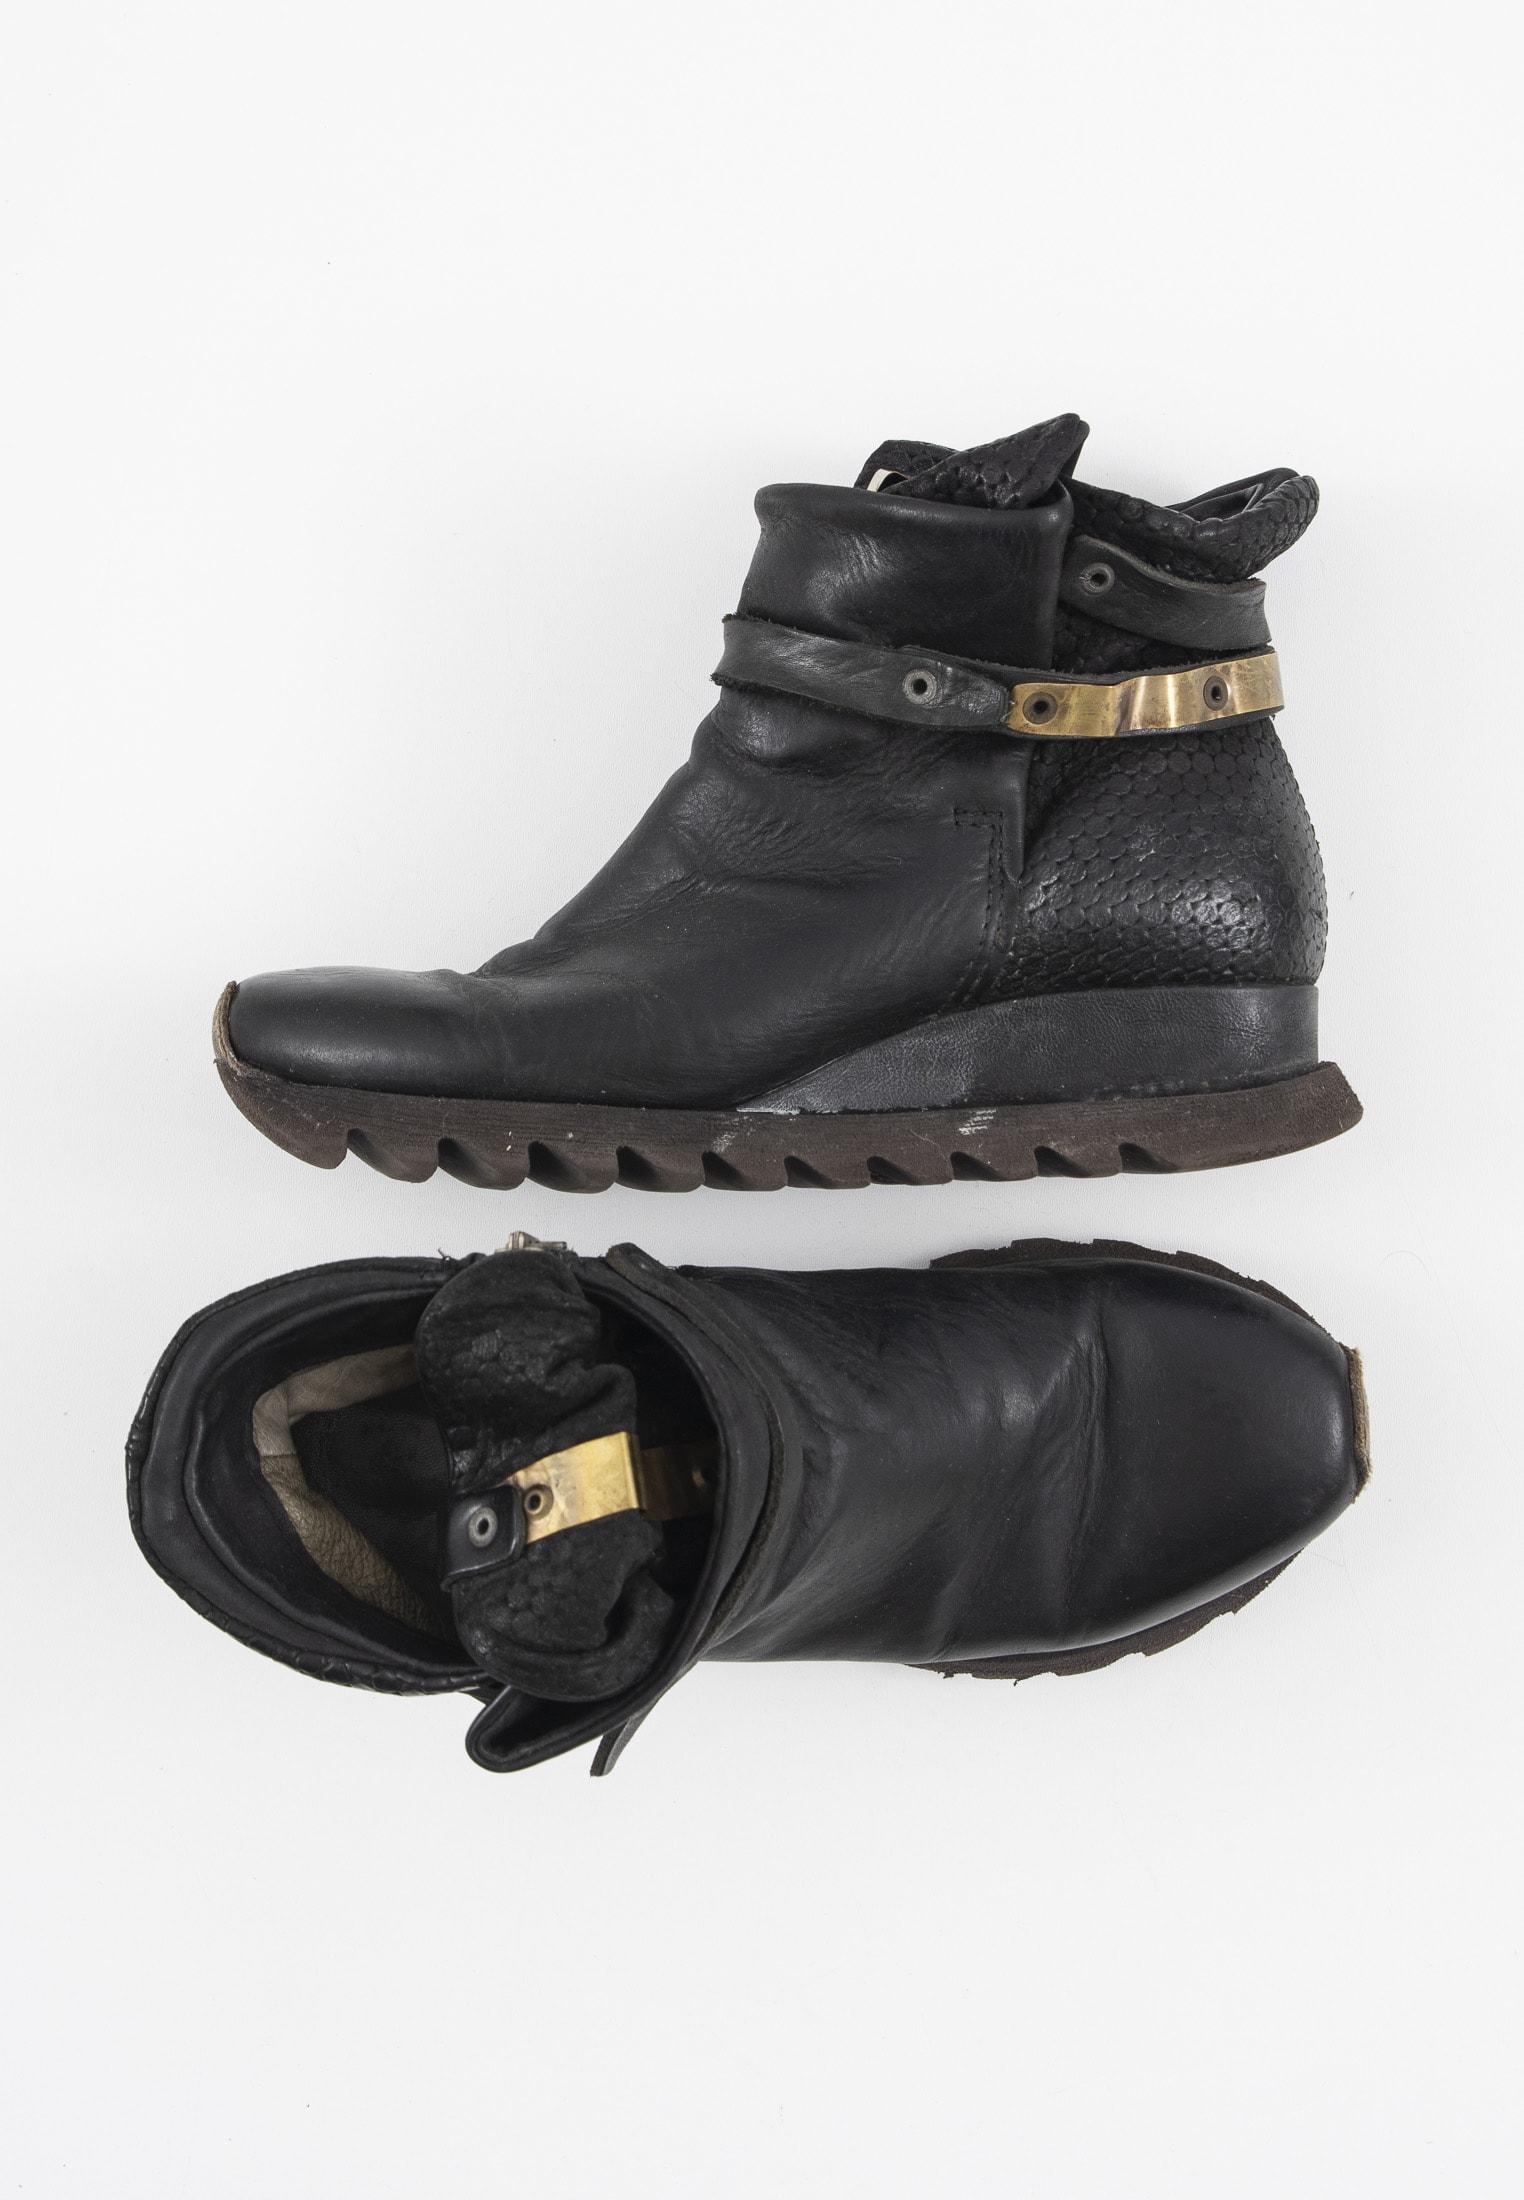 A.S.98 Stiefel / Stiefelette / Boots Schwarz Gr.38